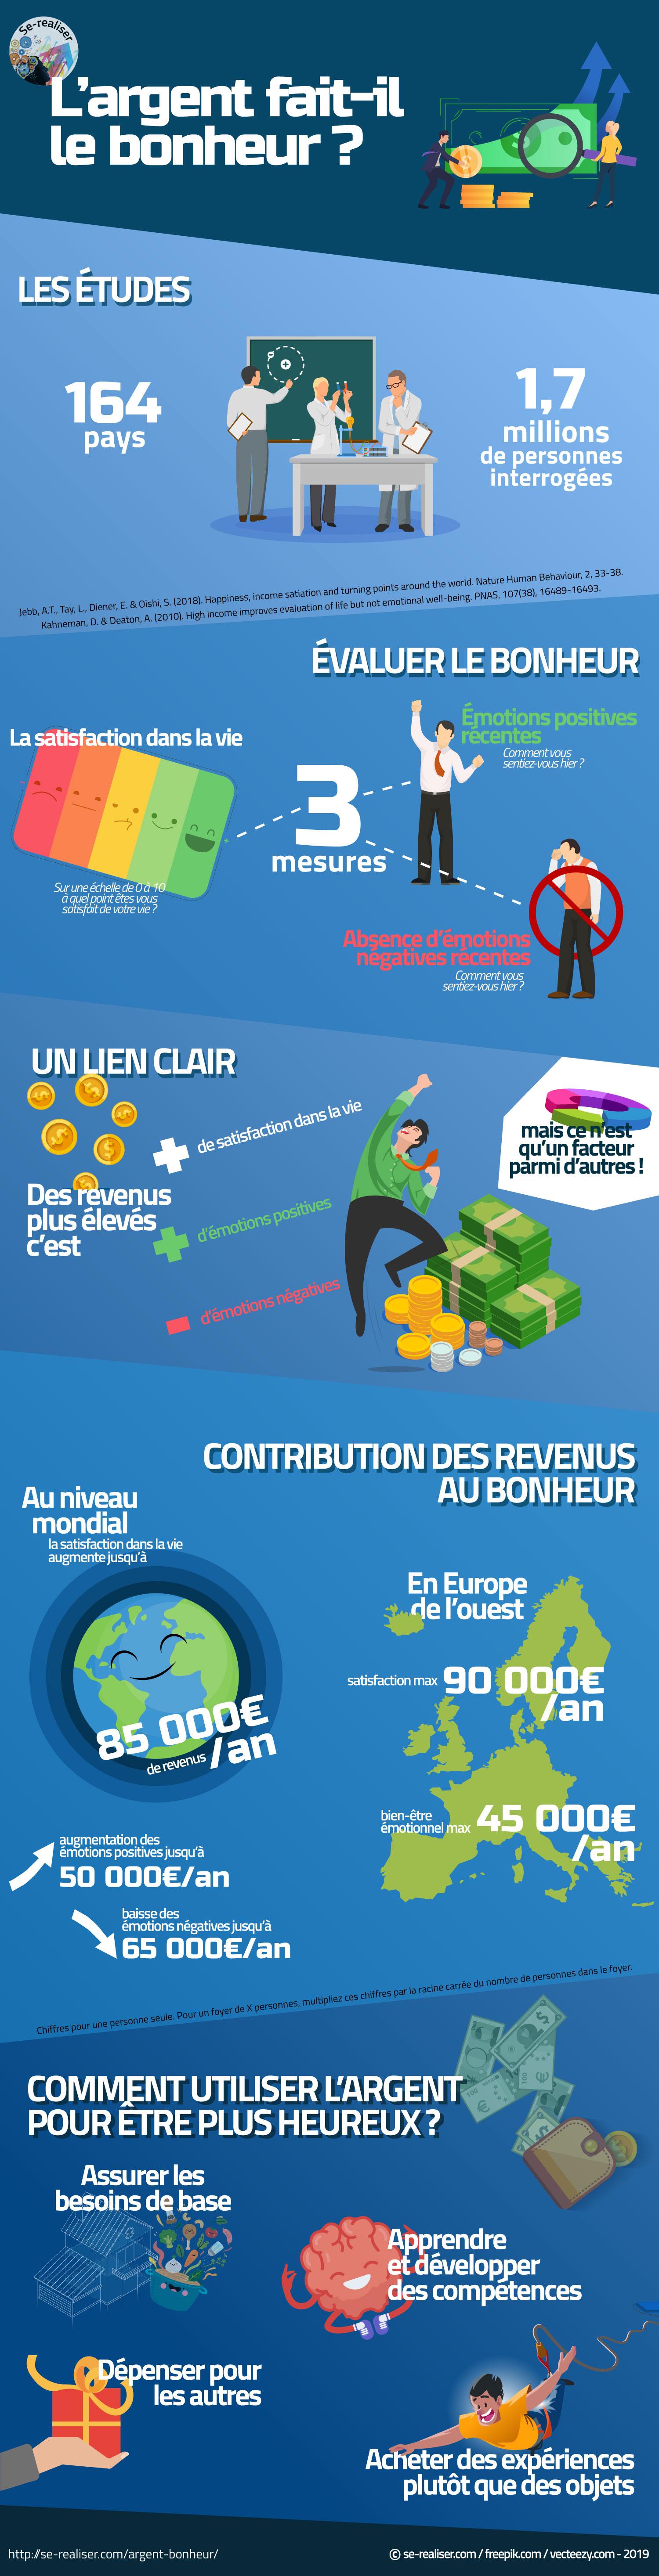 Infographie sur le lien entre argent et bonheur